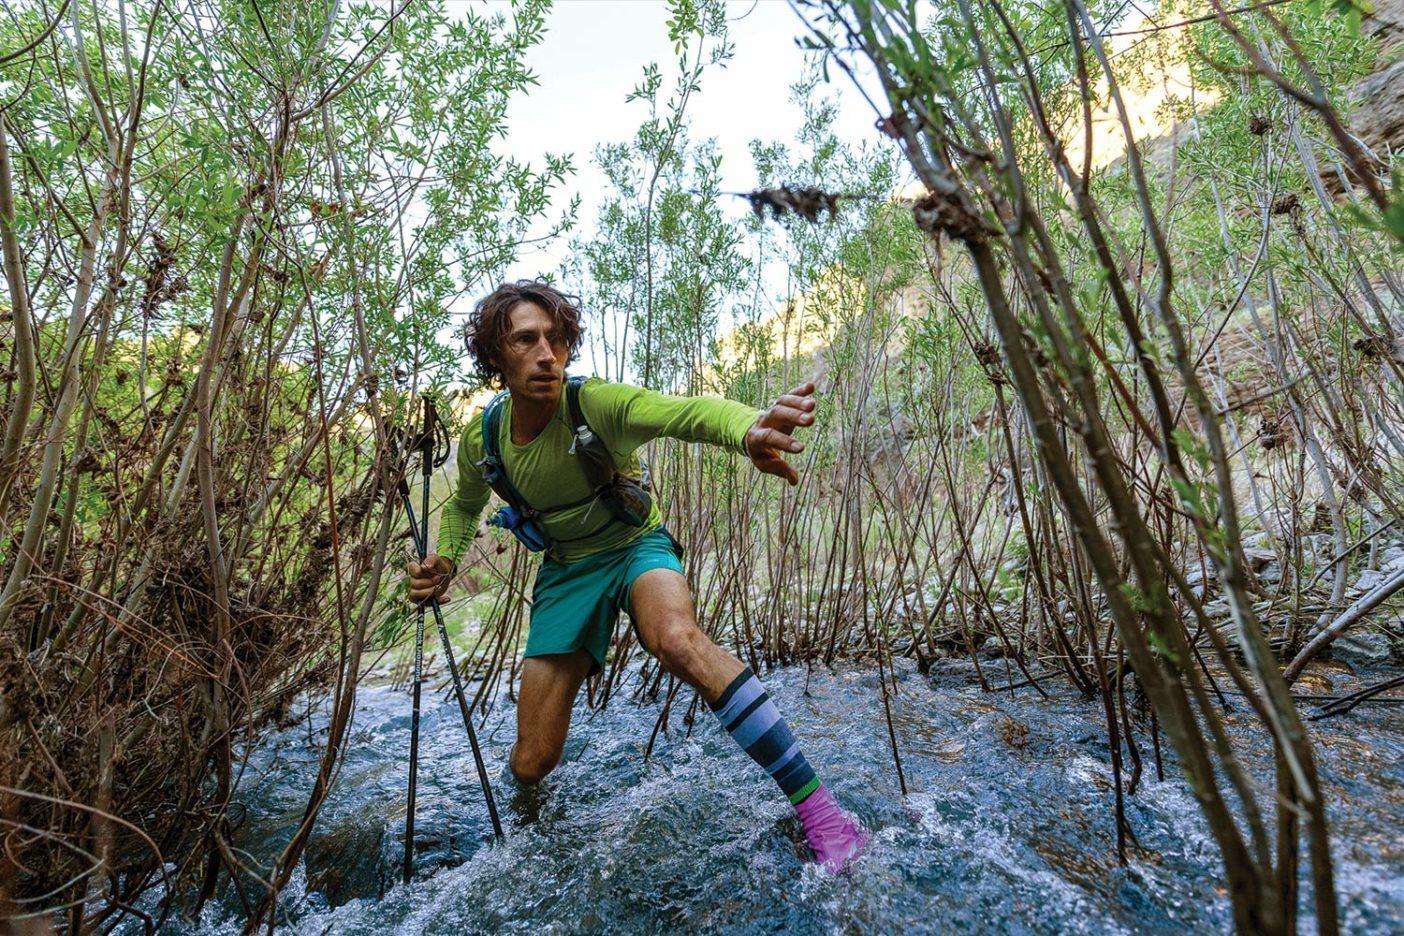 ひっきりなしに柳を殴りつけながら突き進むことに慣れてきた僕たちの足は、川の蛇行部分に広がるものに止められた。初日の序盤、リトル・オワイヒー川で繰り返し柳をかき分けるジェシー。Photo: Fredrik Marmsater